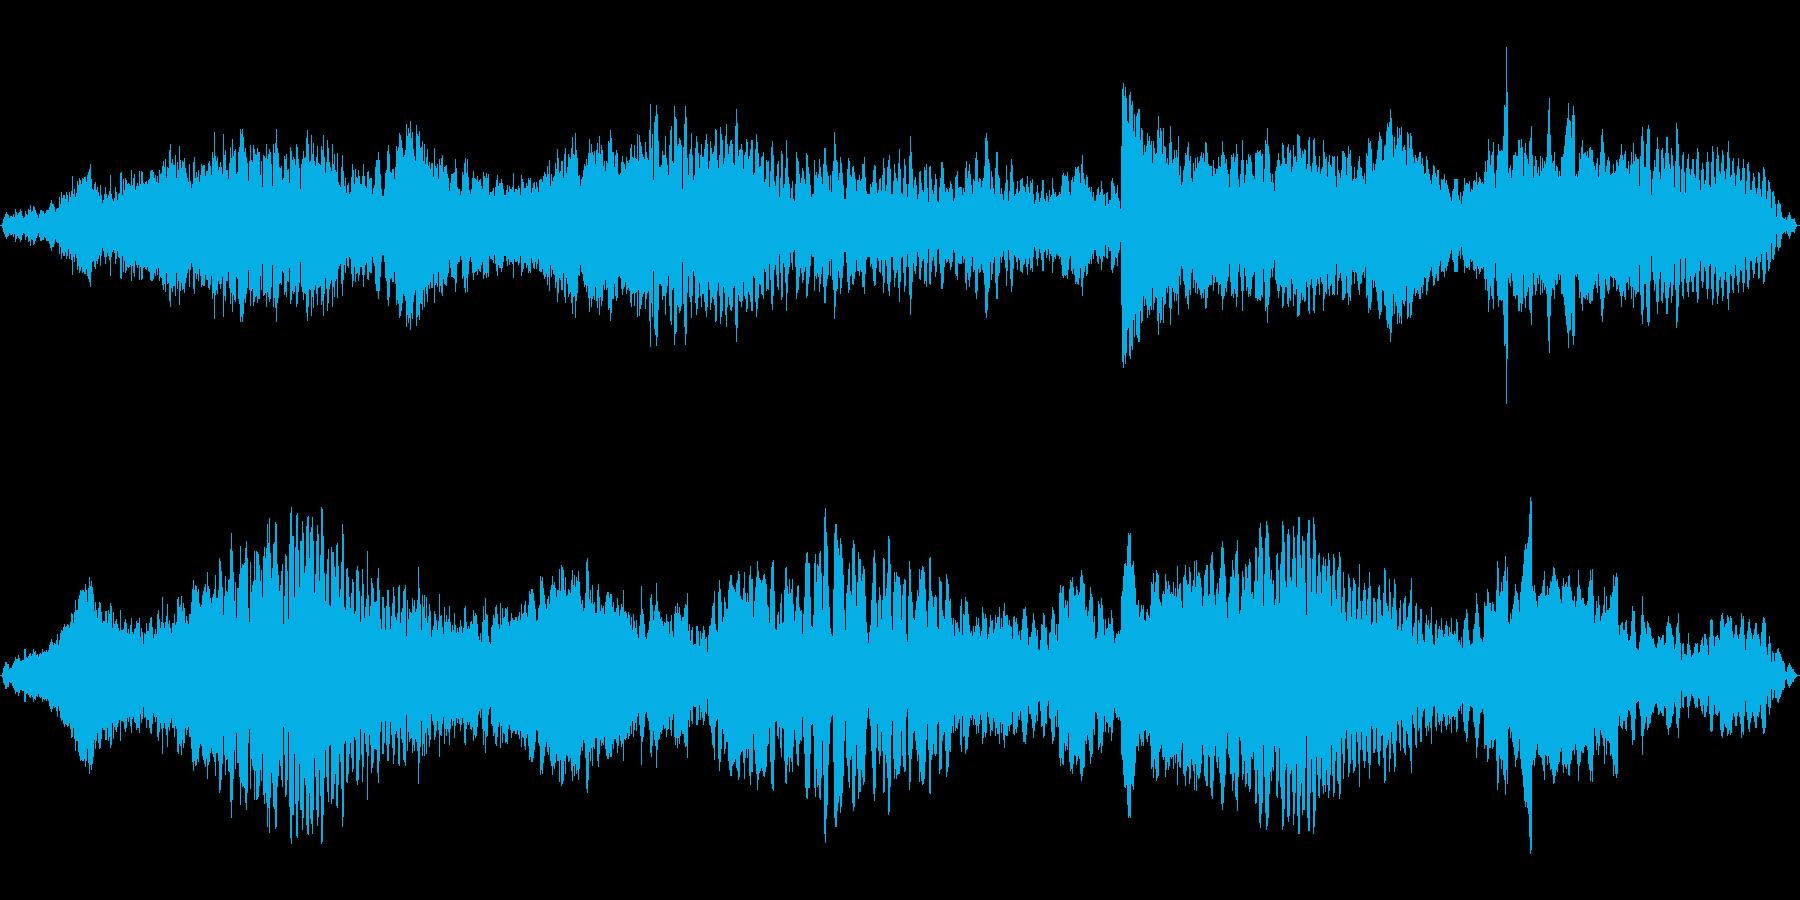 静かに不気味なホラー系BGM(ループ)の再生済みの波形